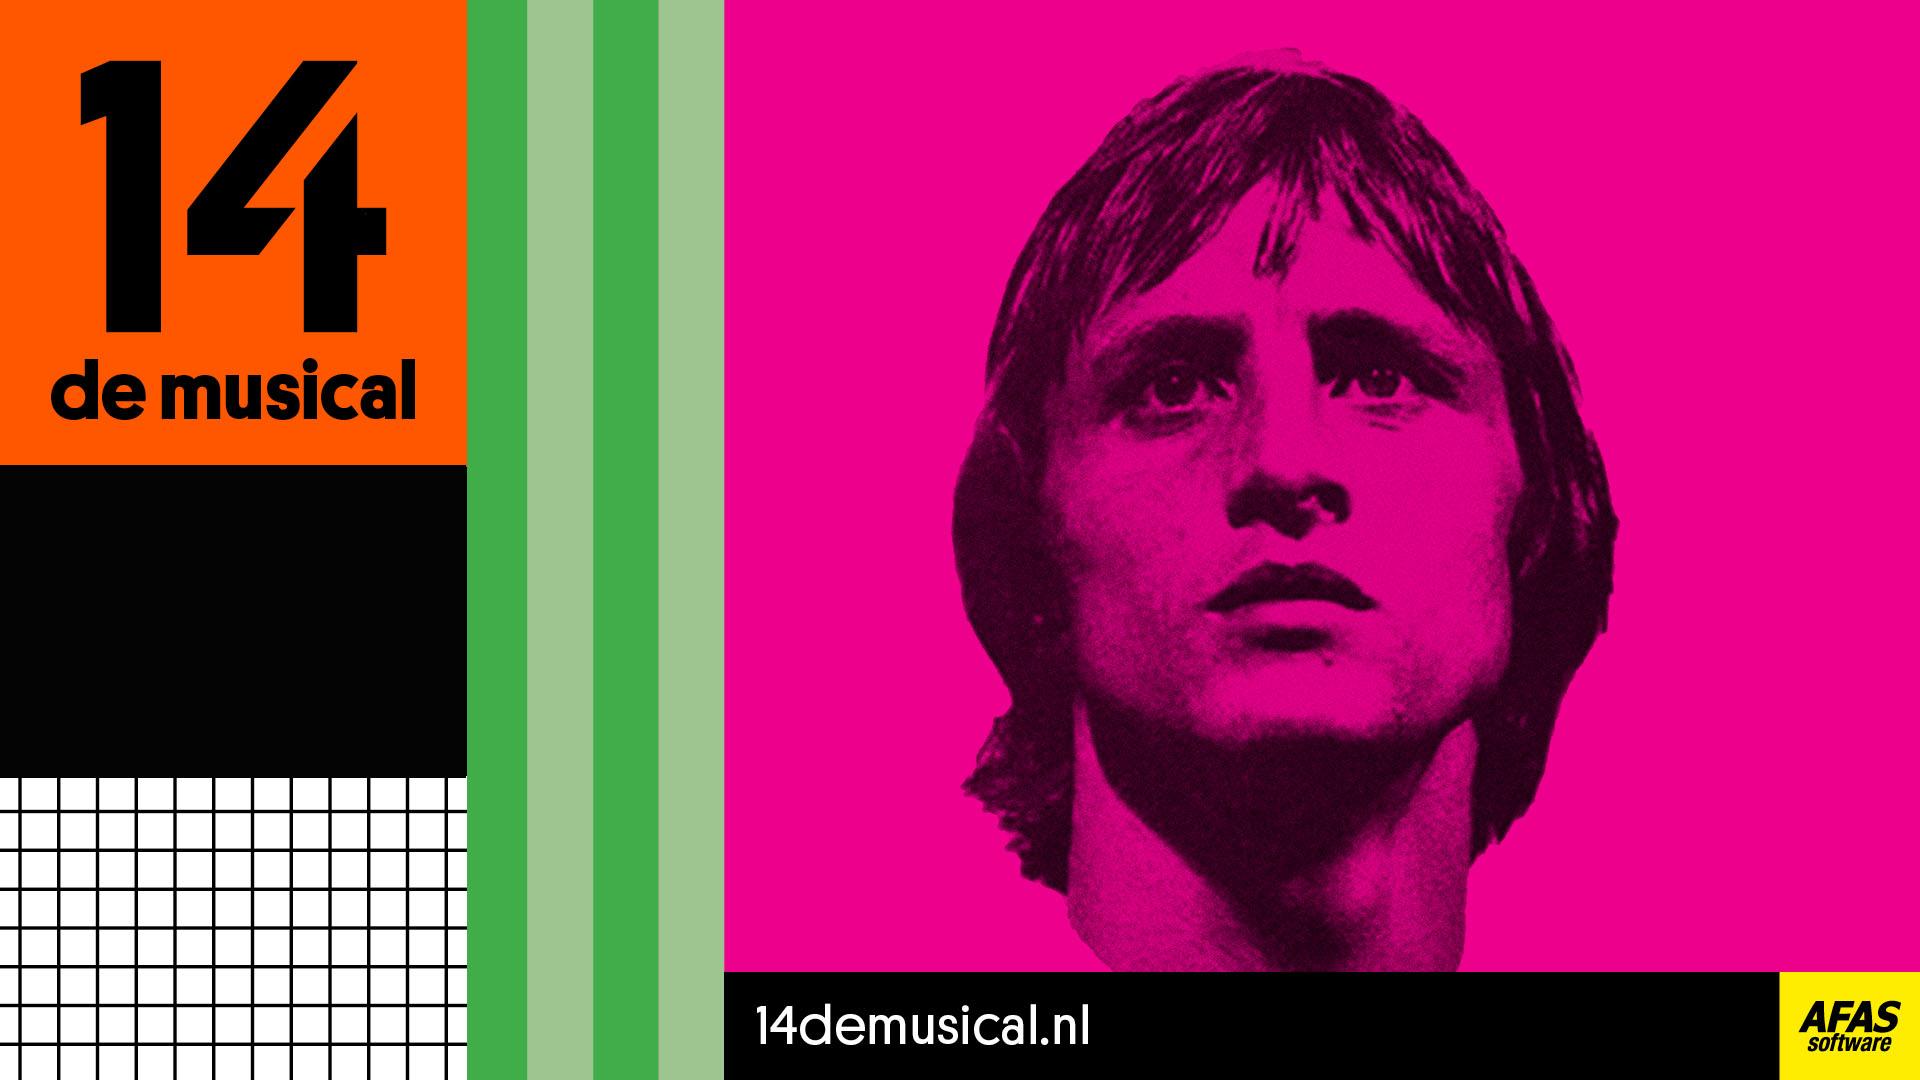 Exclusieve dagtocht naar de musical over voetballegende Johan Cruijff